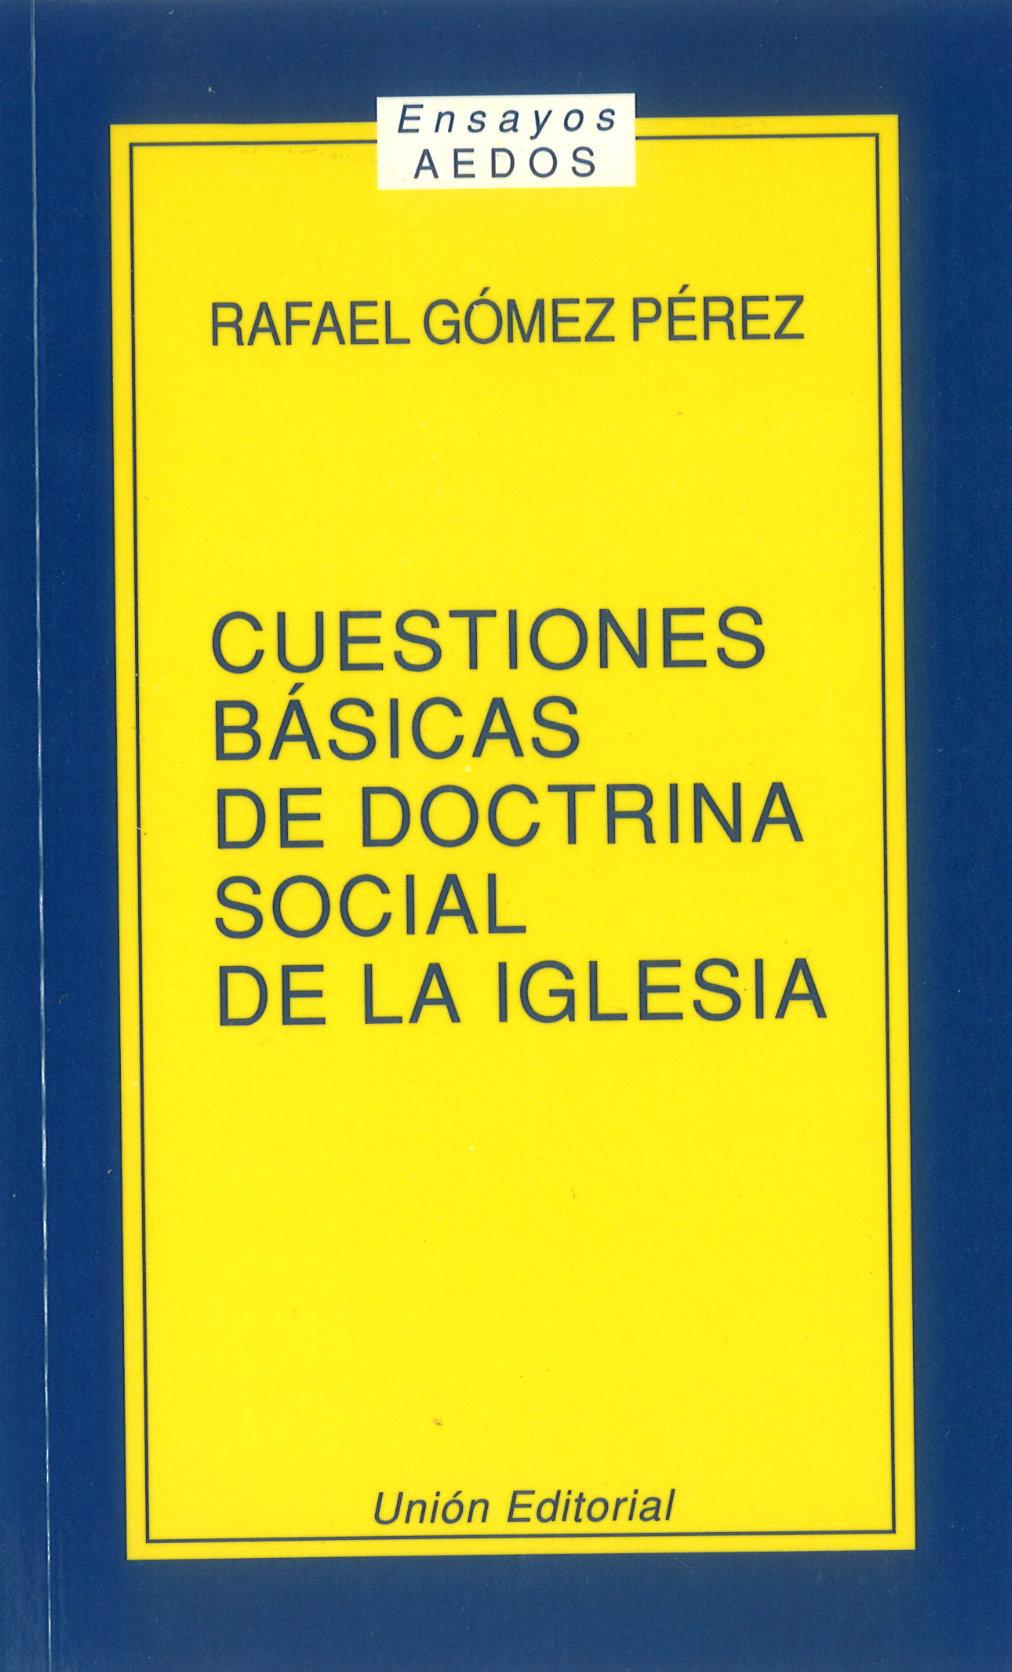 CUESTIONES-BÁSICAS